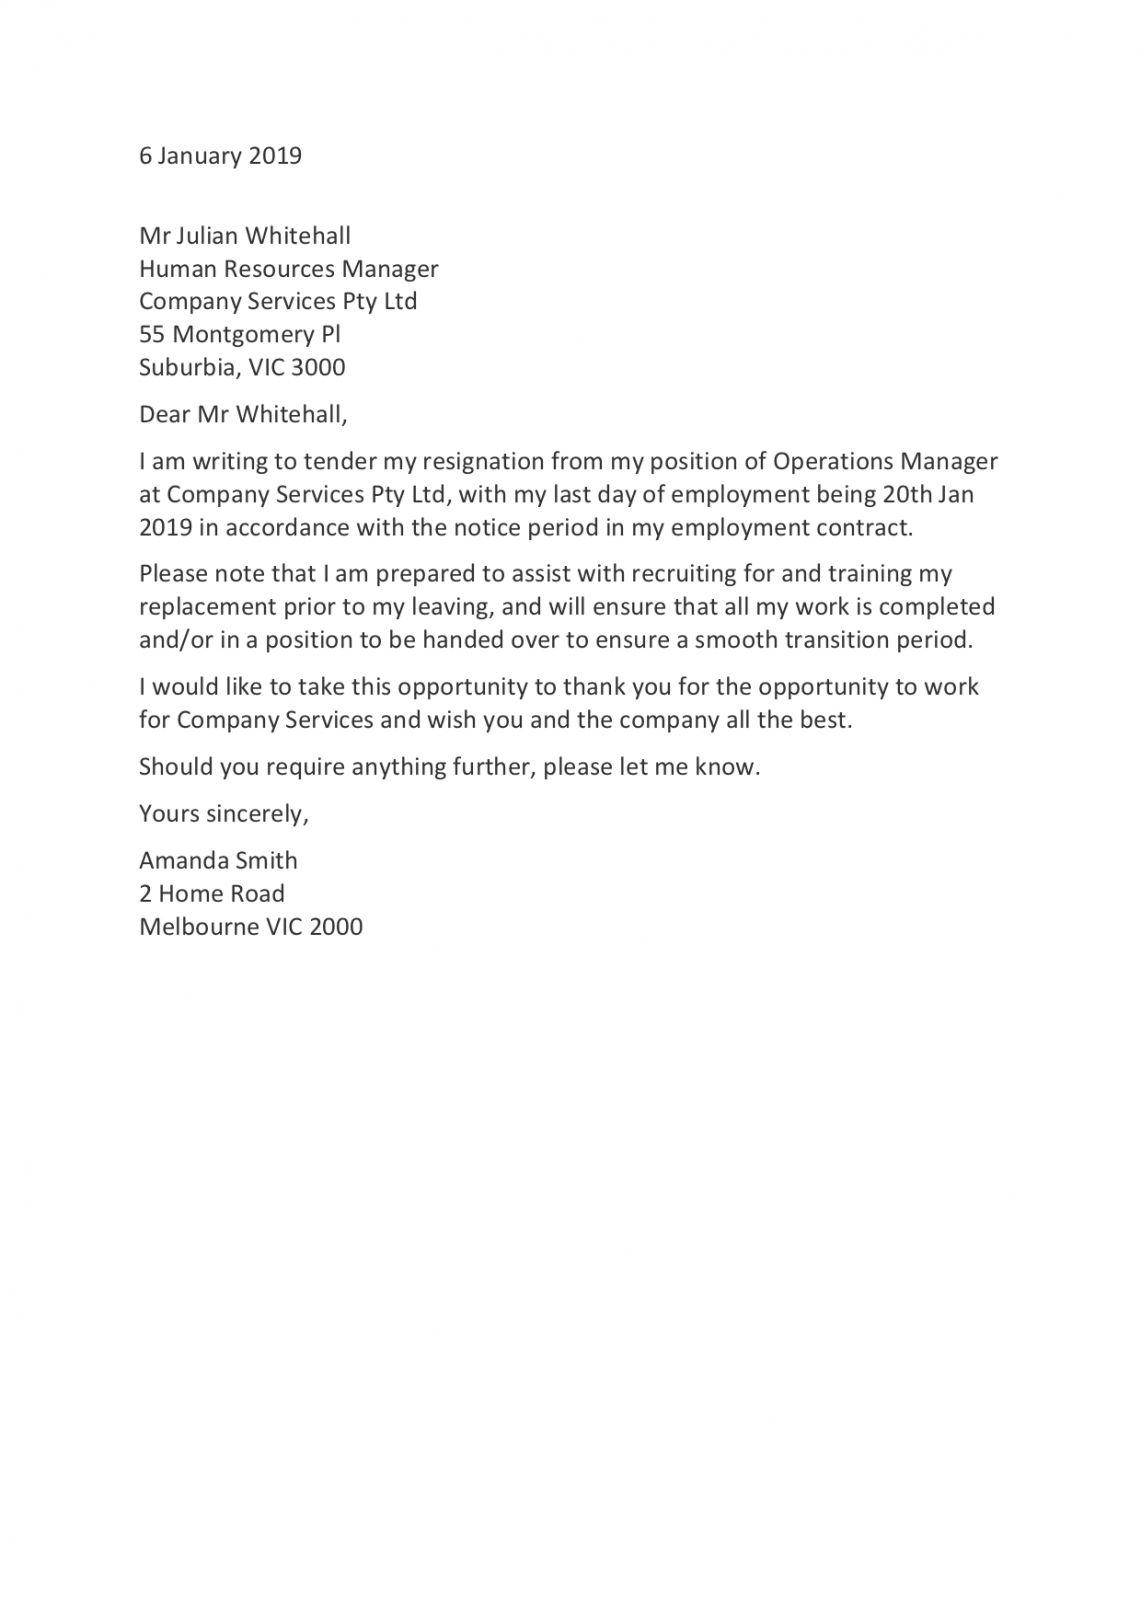 Employer Rescind Offer Letter Sample